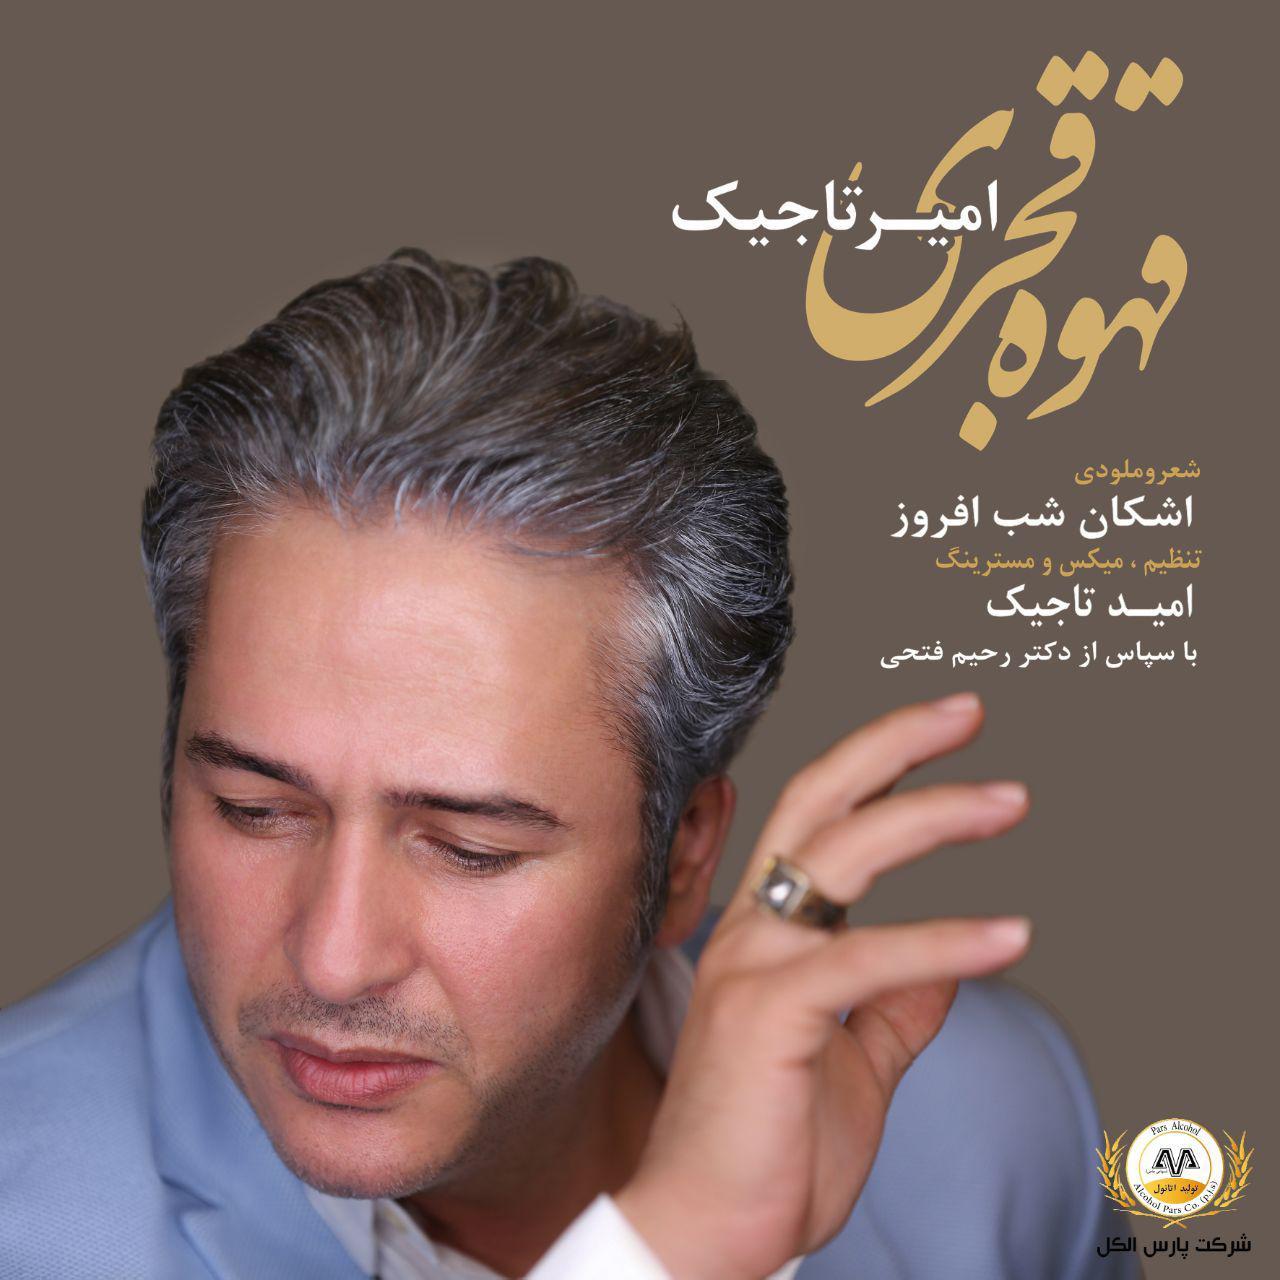 دانلود آهنگ جدید امیر تاجیک بنام قهوه قجری